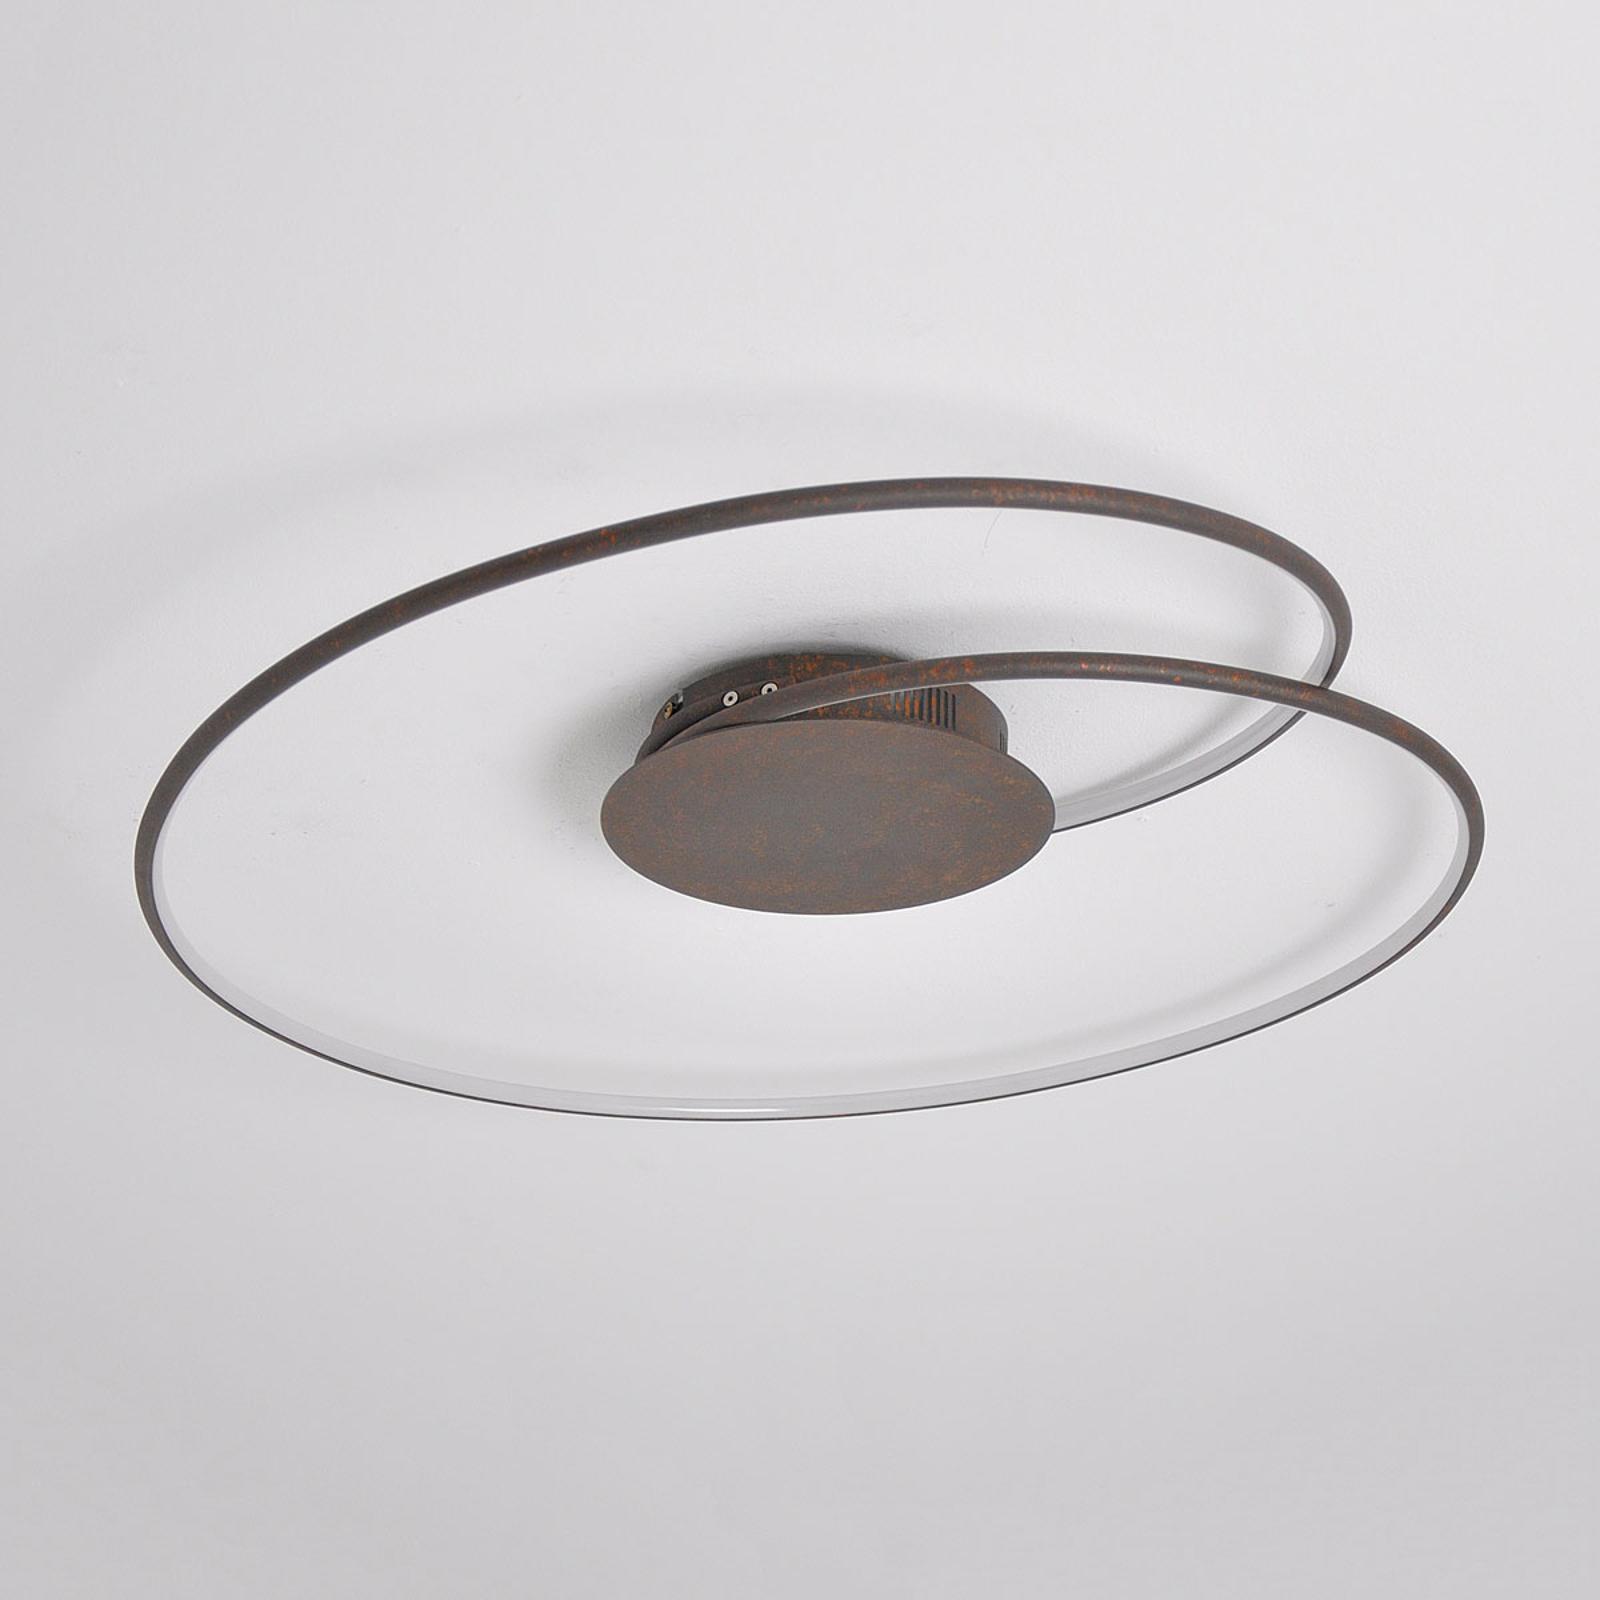 Graziosa plafoniera LED Joline, colore ossidato